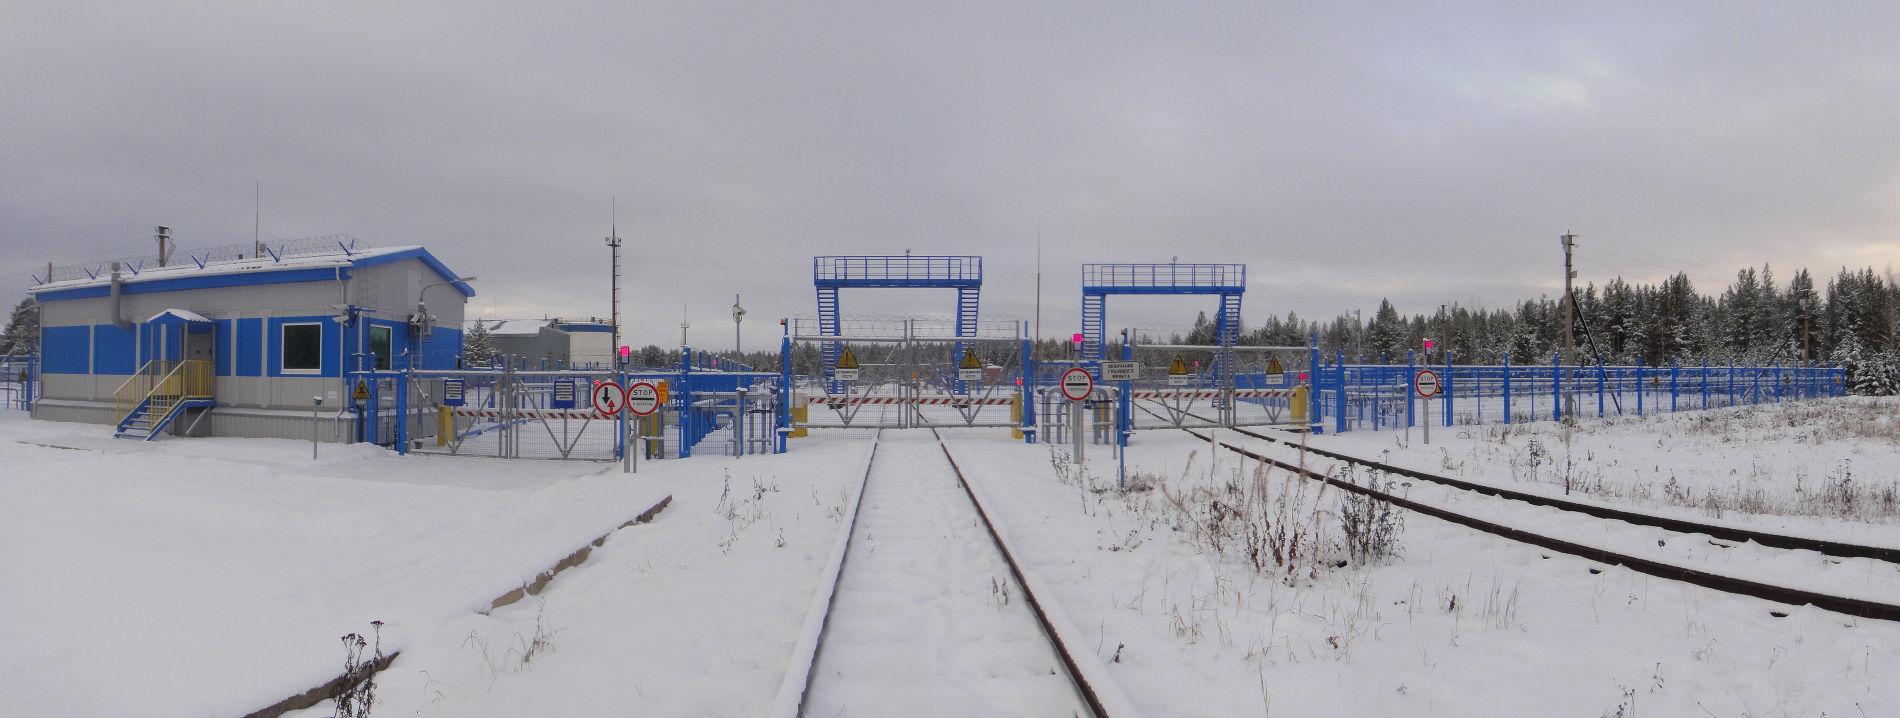 Комплекс ИТСО в линейном производственном управлении межпромысловых трубопроводов ©Изображение предоставлено пресс-службой ООО «Газпром добыча Краснодар»